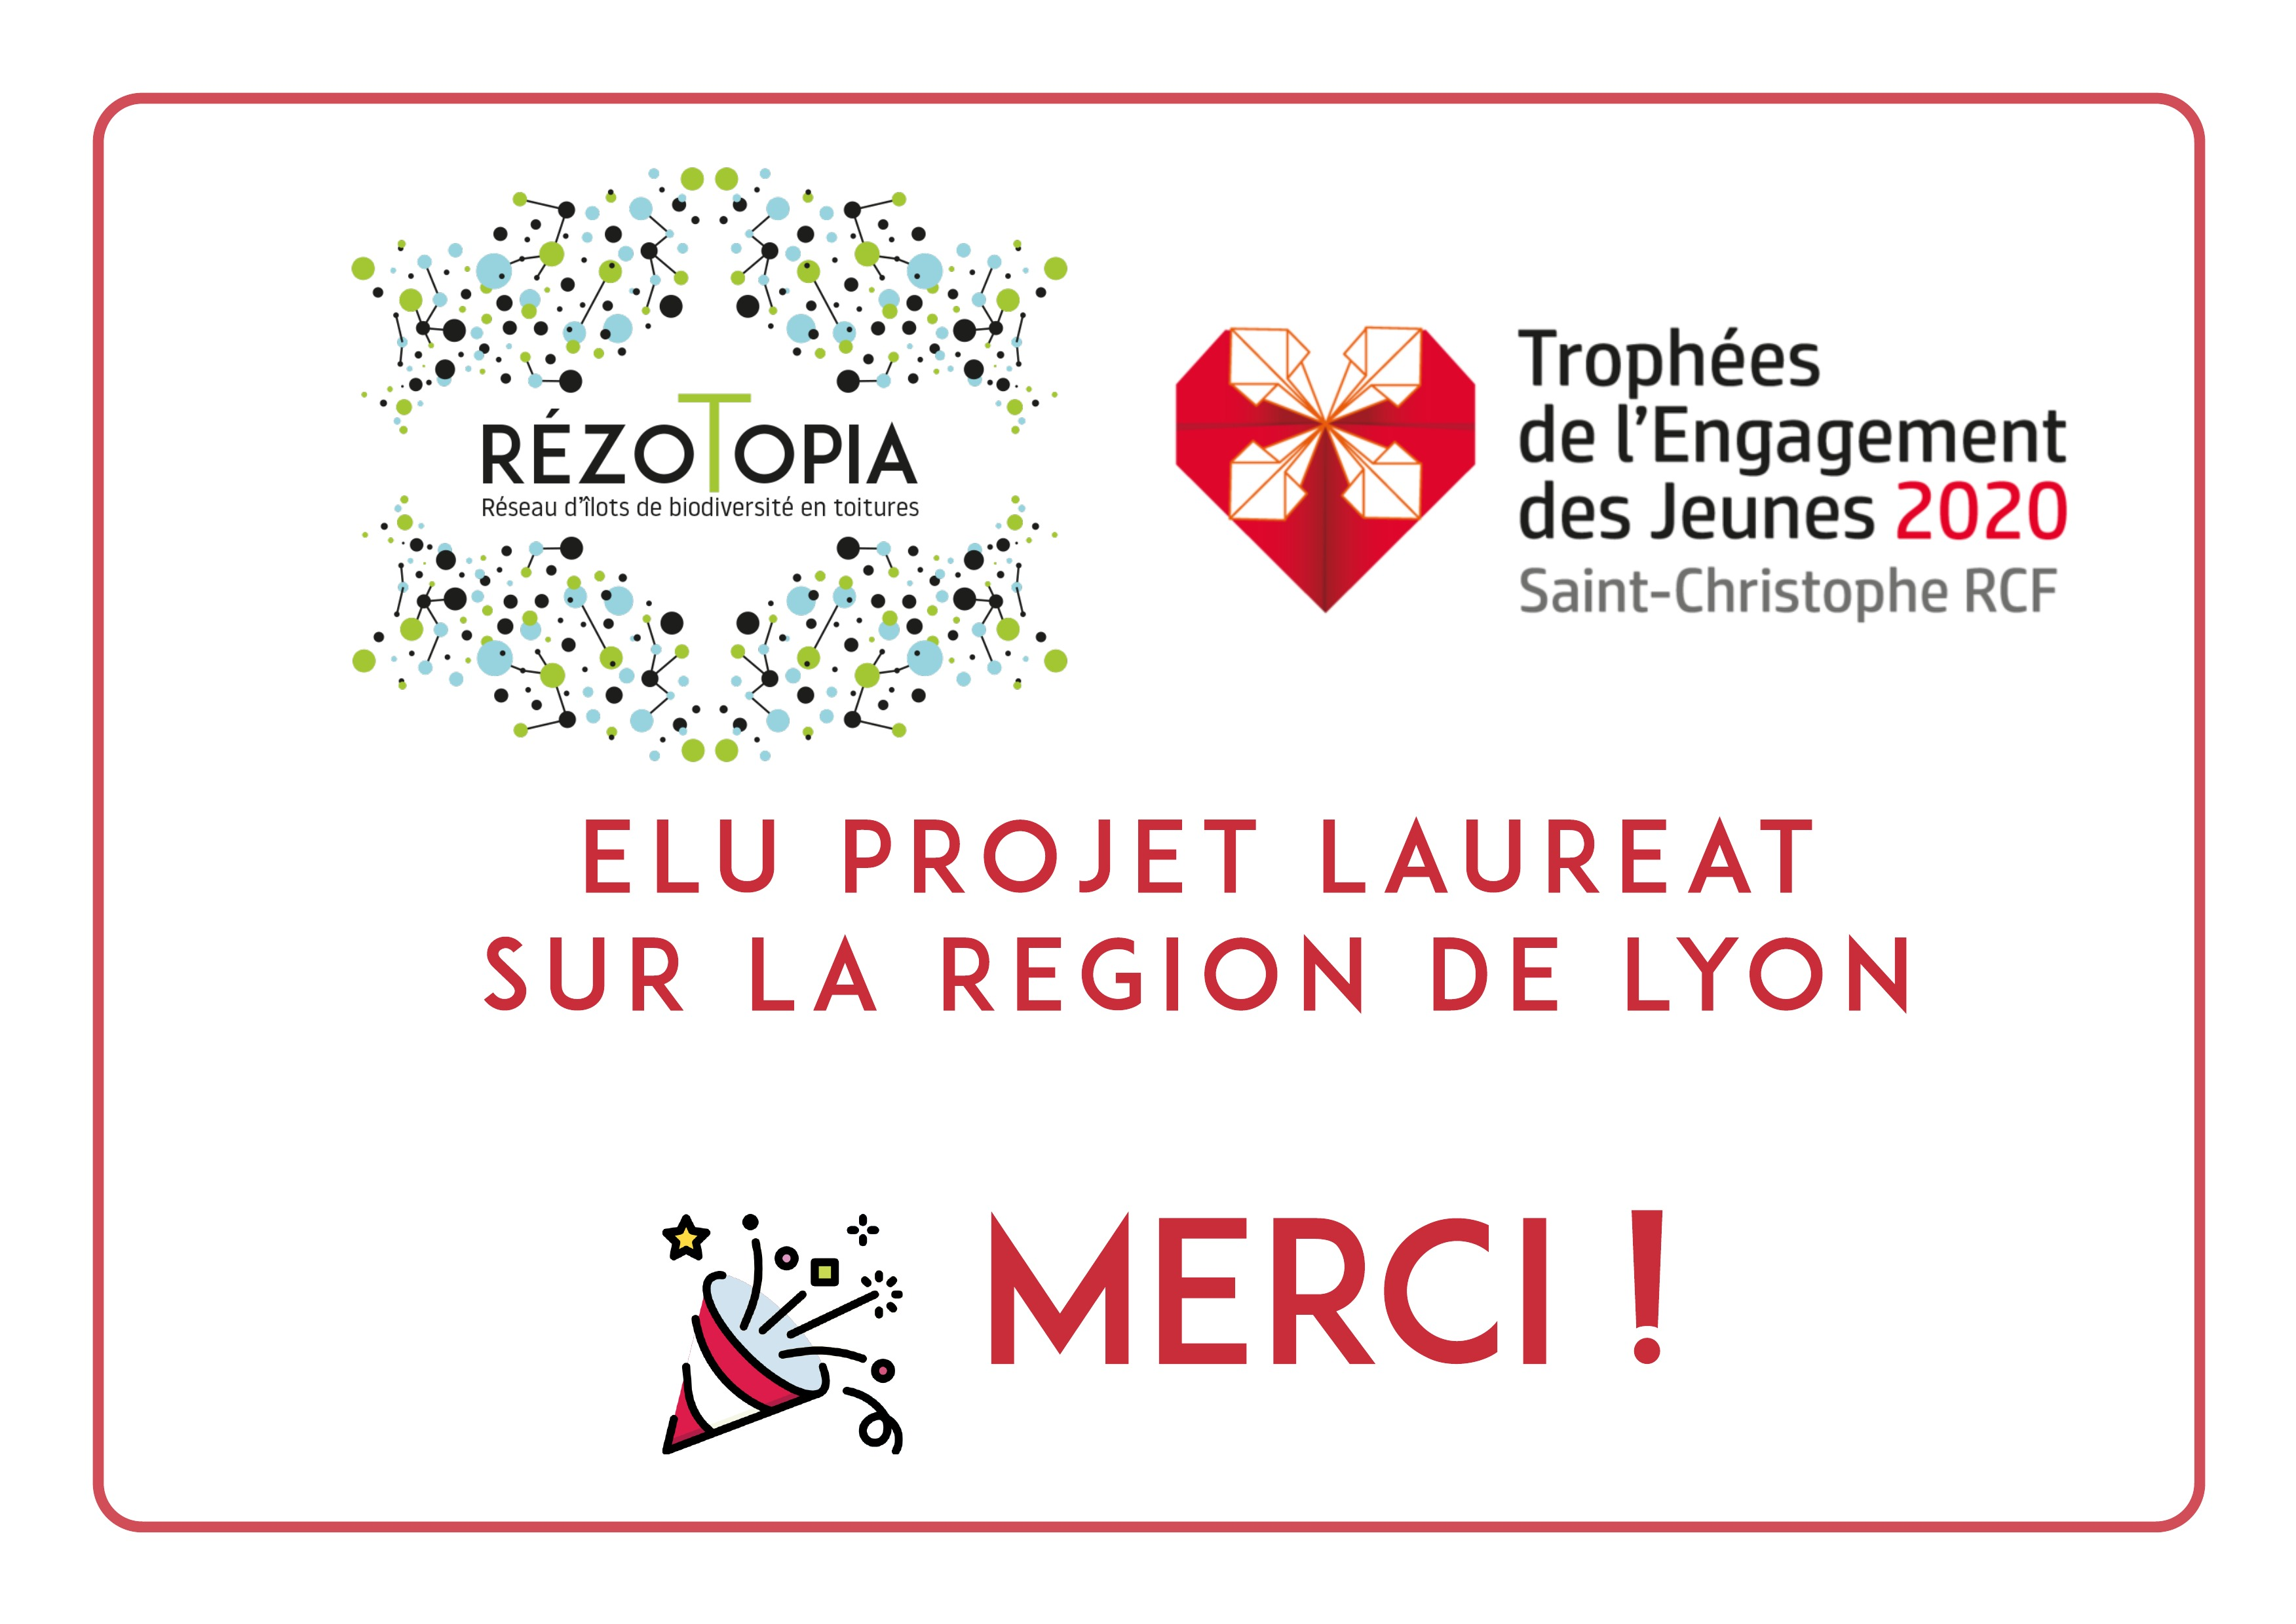 Lauréat région rhône-alpes - Trophées de lengagement